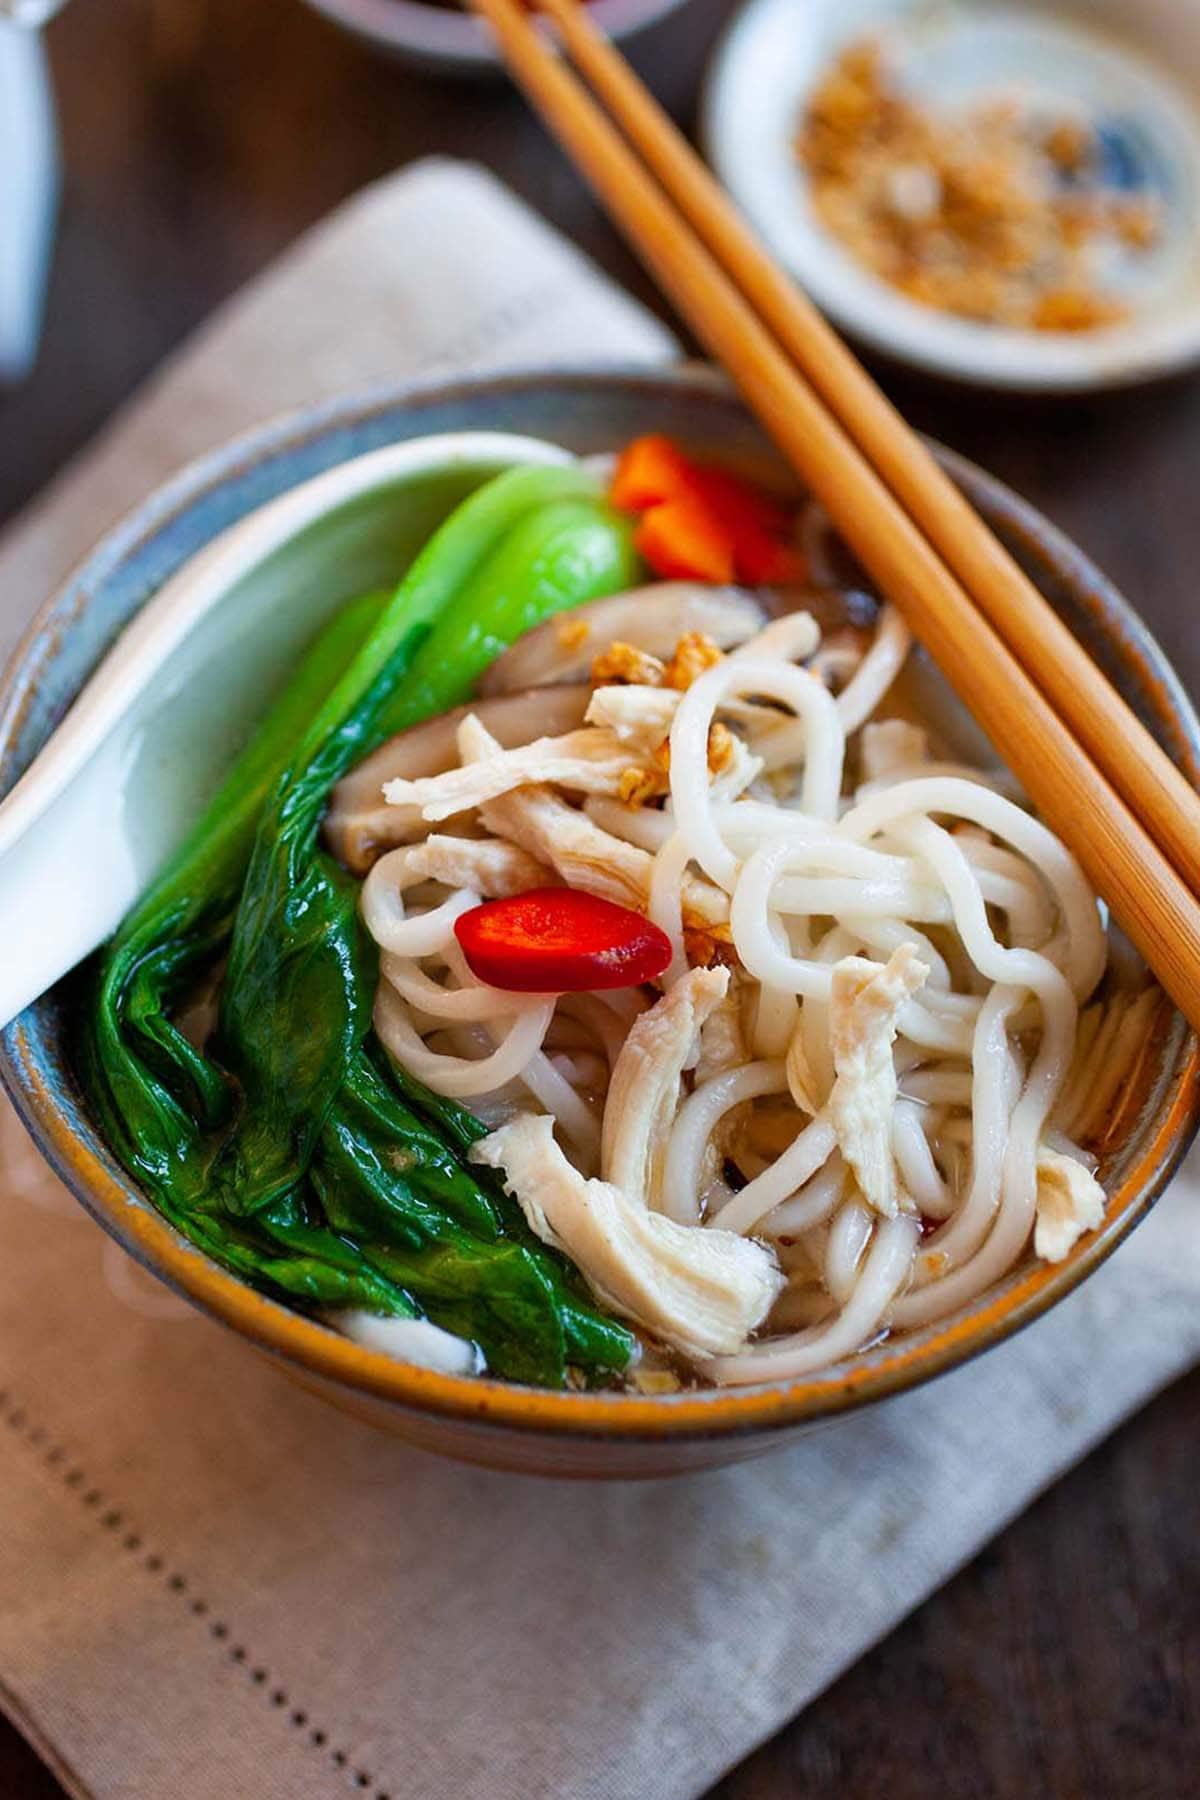 Soupe chinoise au poulet et aux nouilles avec bouillon de poulet, nouilles et bok choy dans un bol.